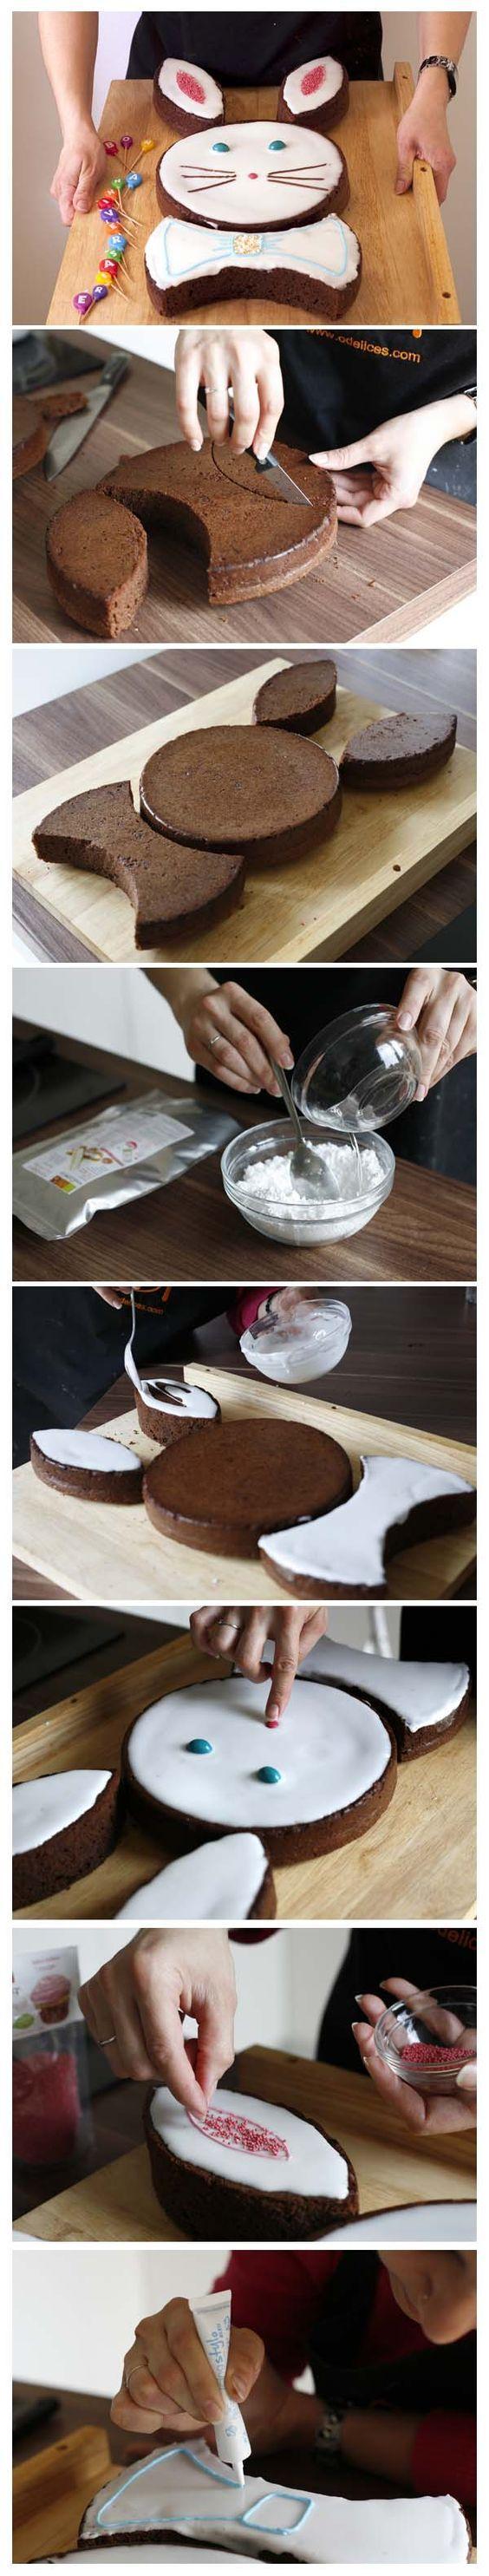 easter cake10